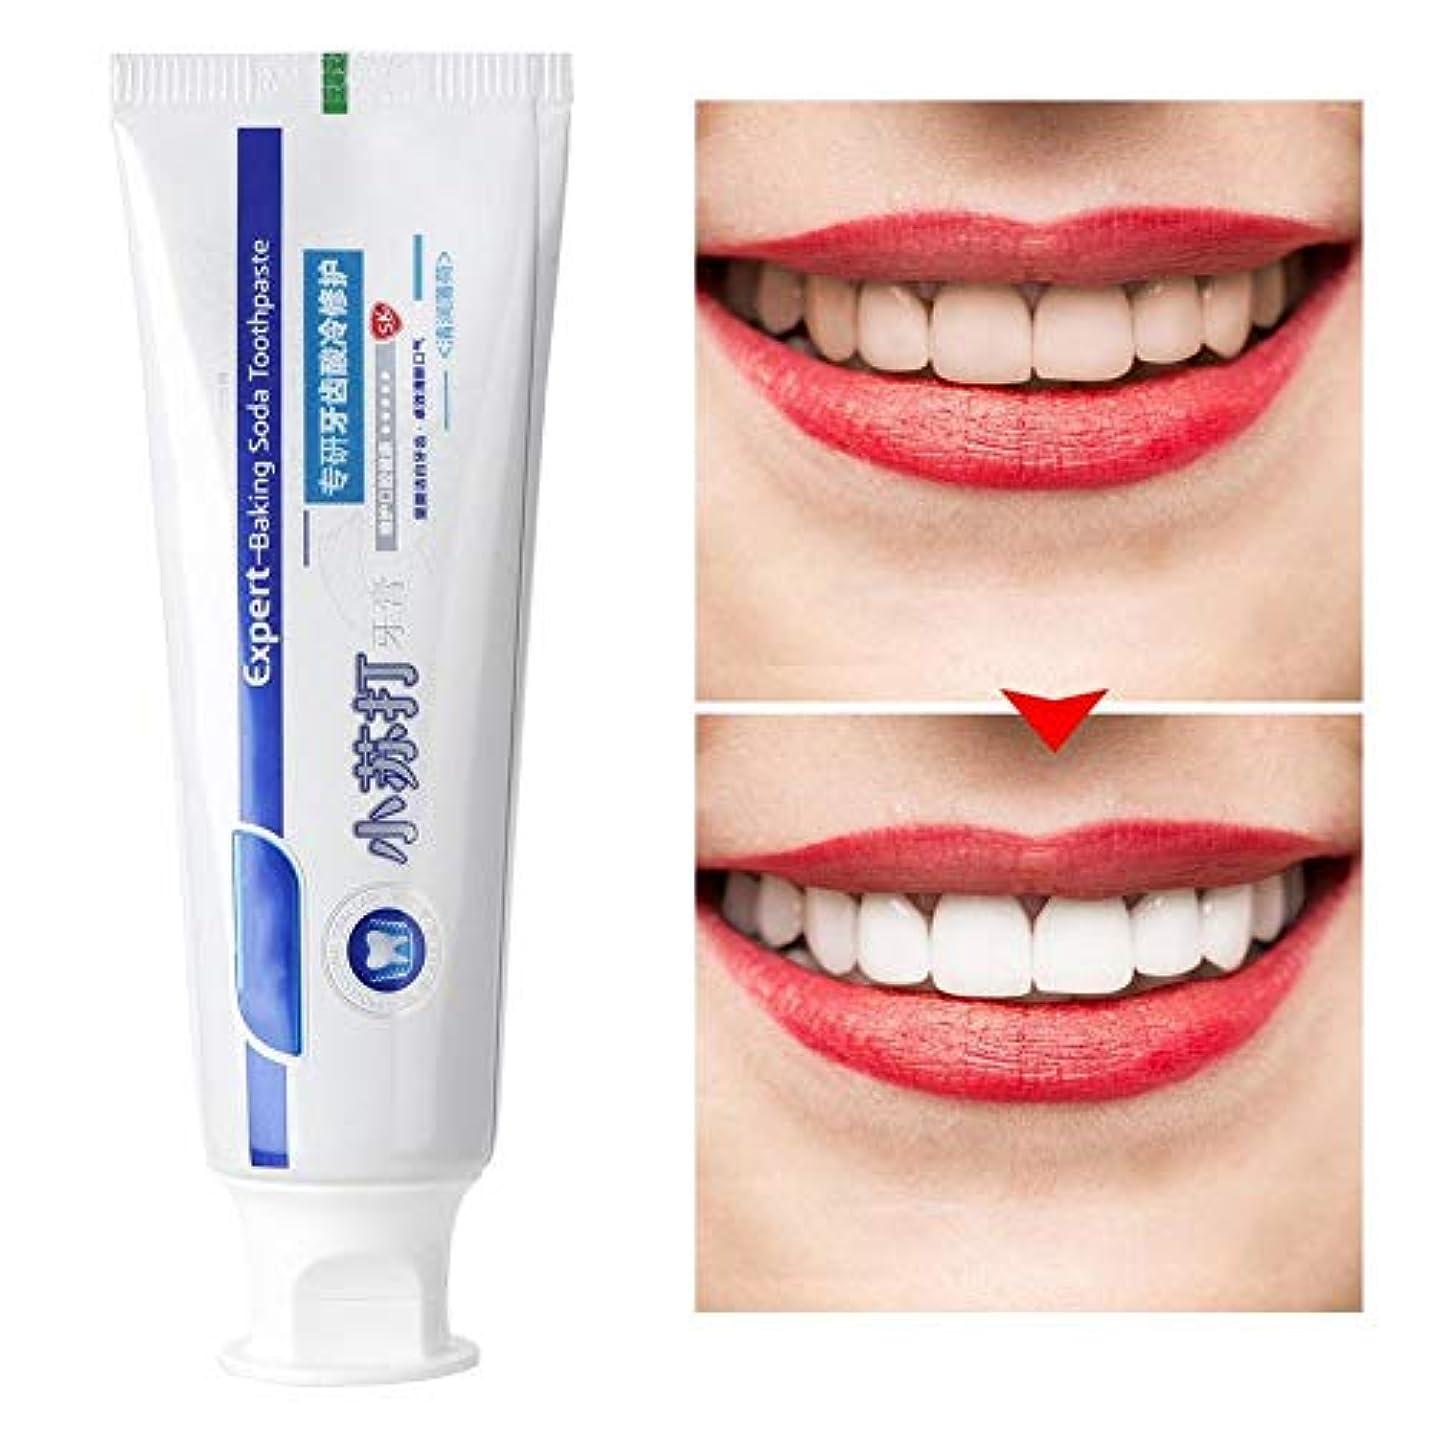 バイアス絶え間ないとんでもない歯磨き粉、さわやかなミントを白くする重曹の歯磨き粉歯磨き粉オーラルケアツール100g(クリアミント)